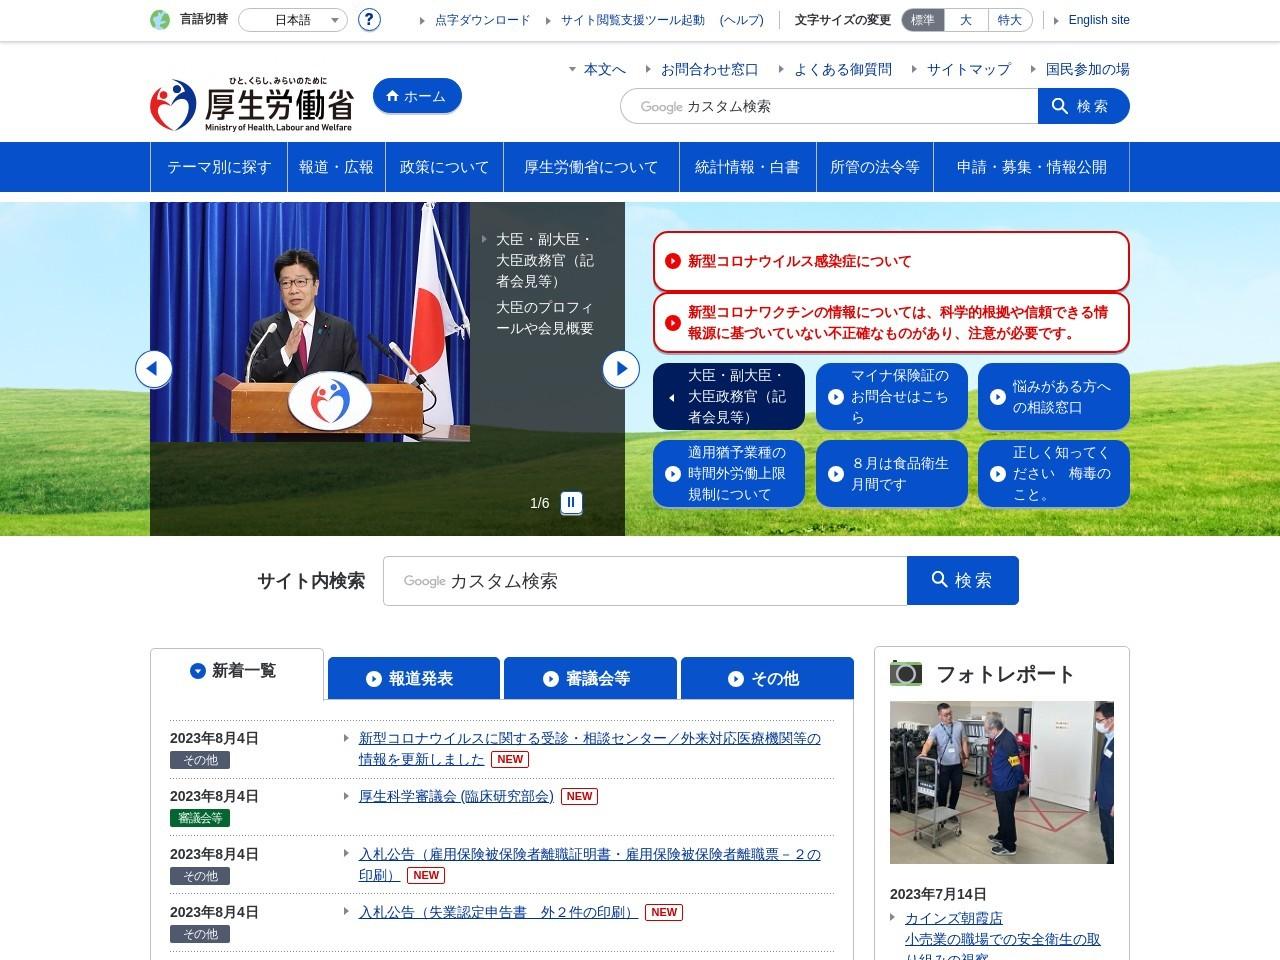 http://www.mhlw.go.jp/kokoro/support/mhcenter.html